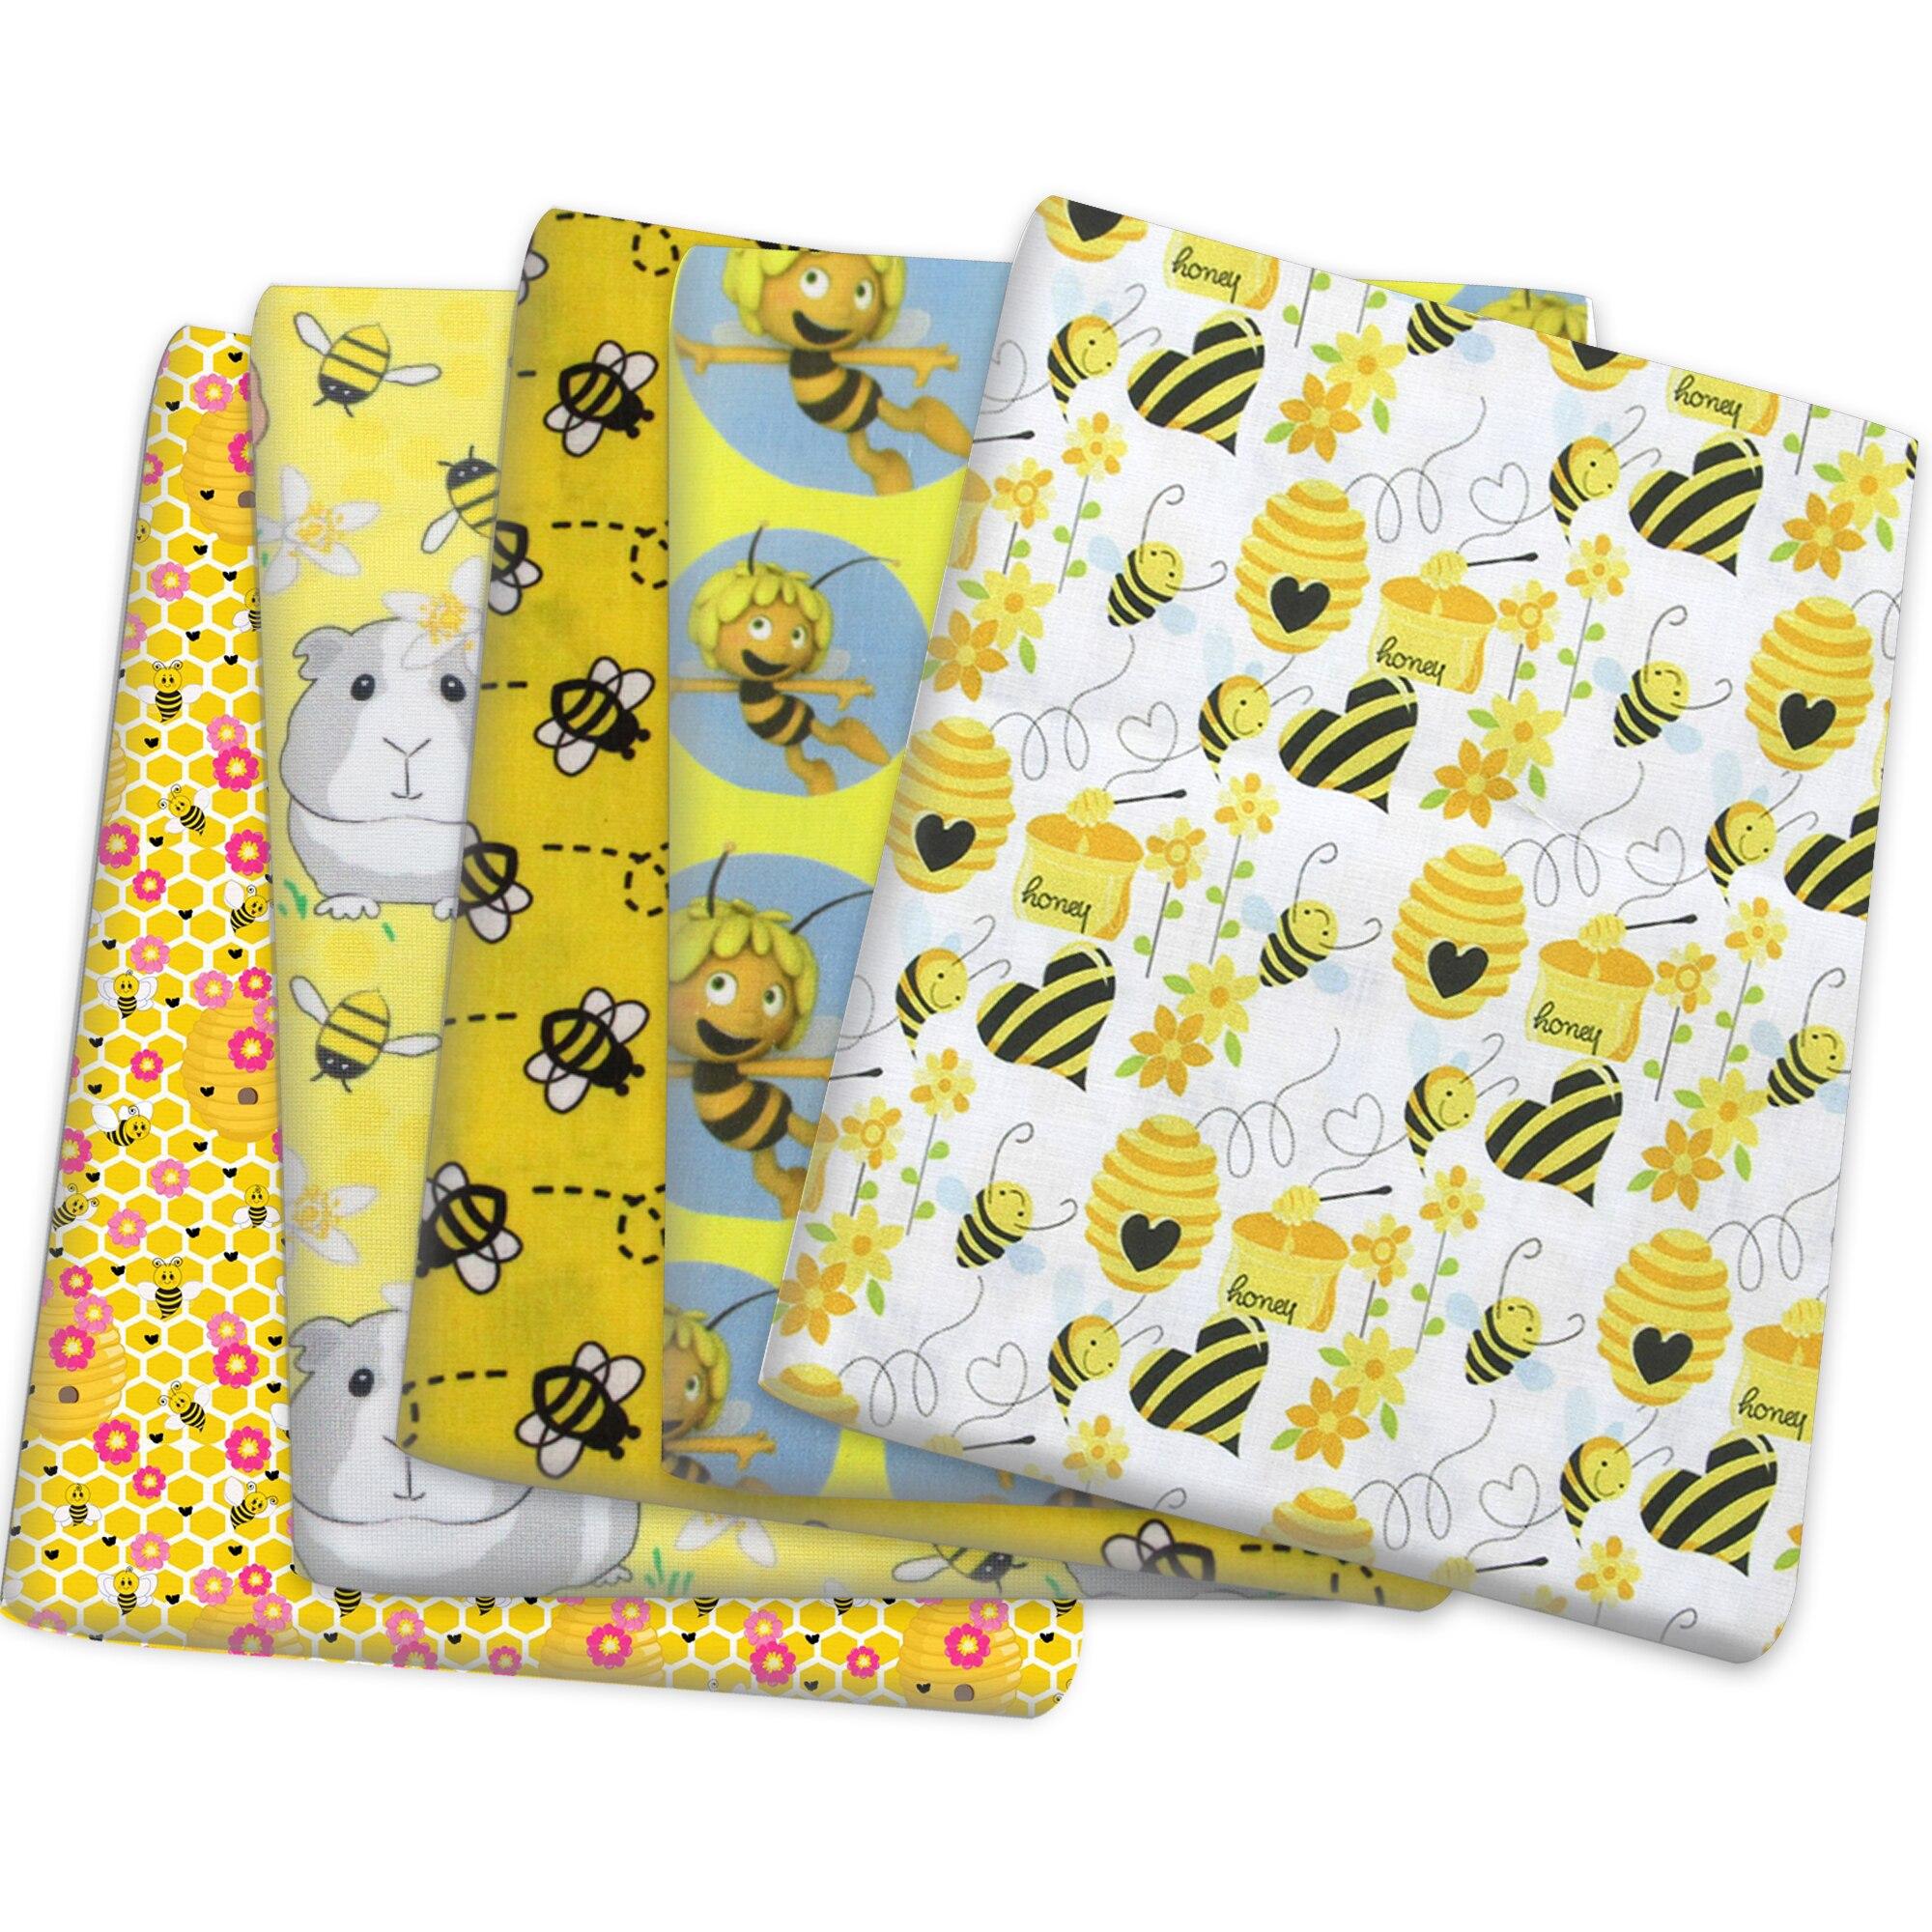 Желтая Пчелка» полиэстер хлопок Материал ткани лоскутное шитье стеганые ткани рукоделие Материал